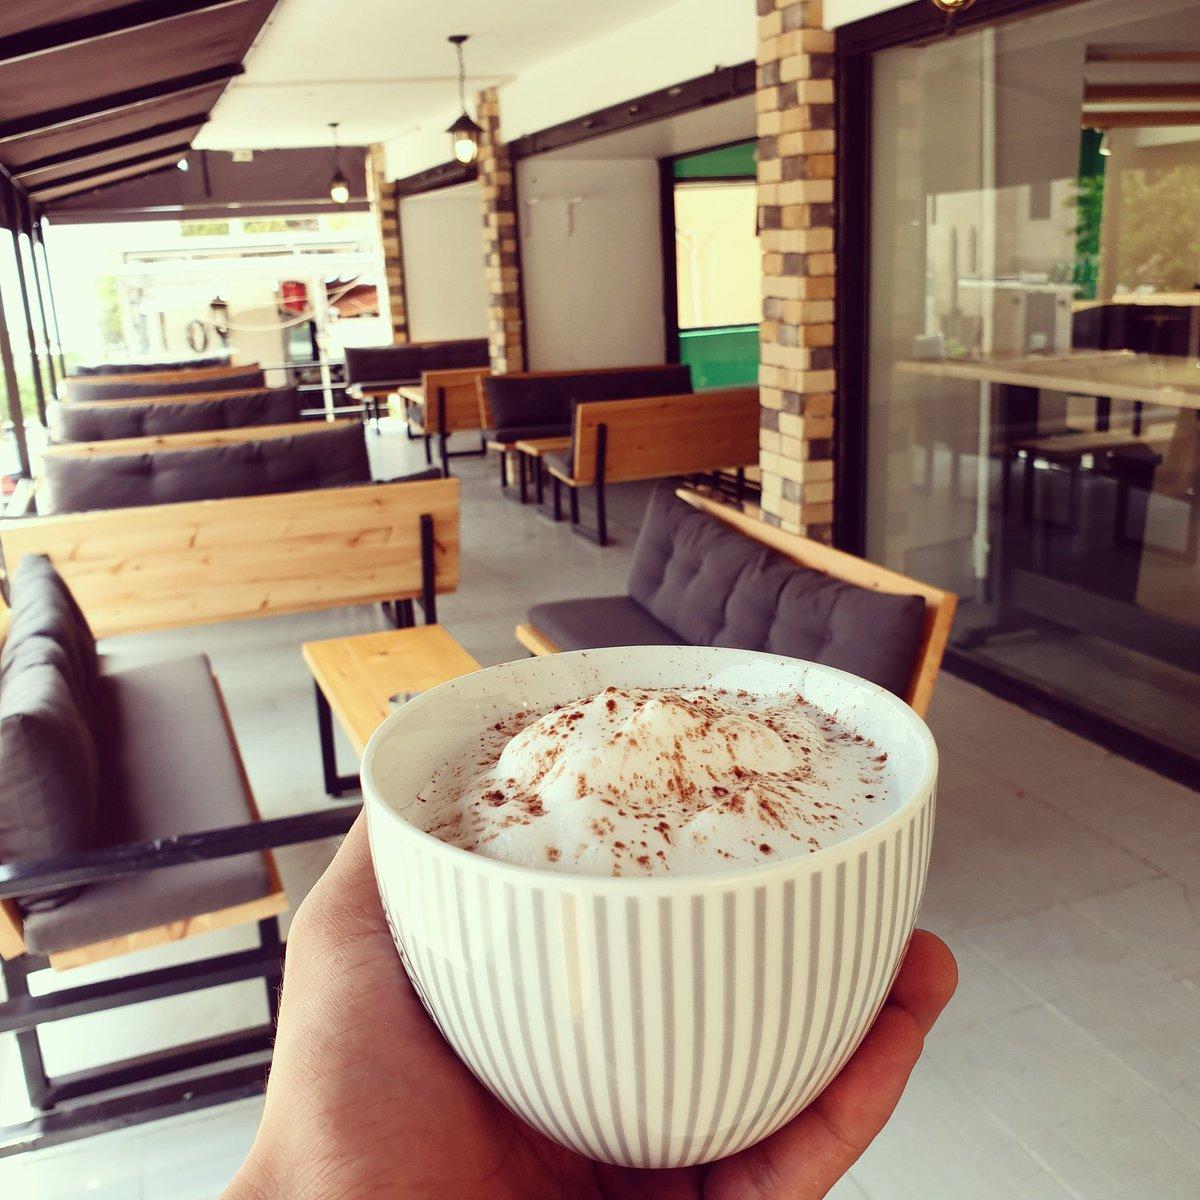 Vee American Coffee Shop On Twitter Now Open Ready To Serve You Ehden Al Moghtaribin Street Branch Modedevee Coffee